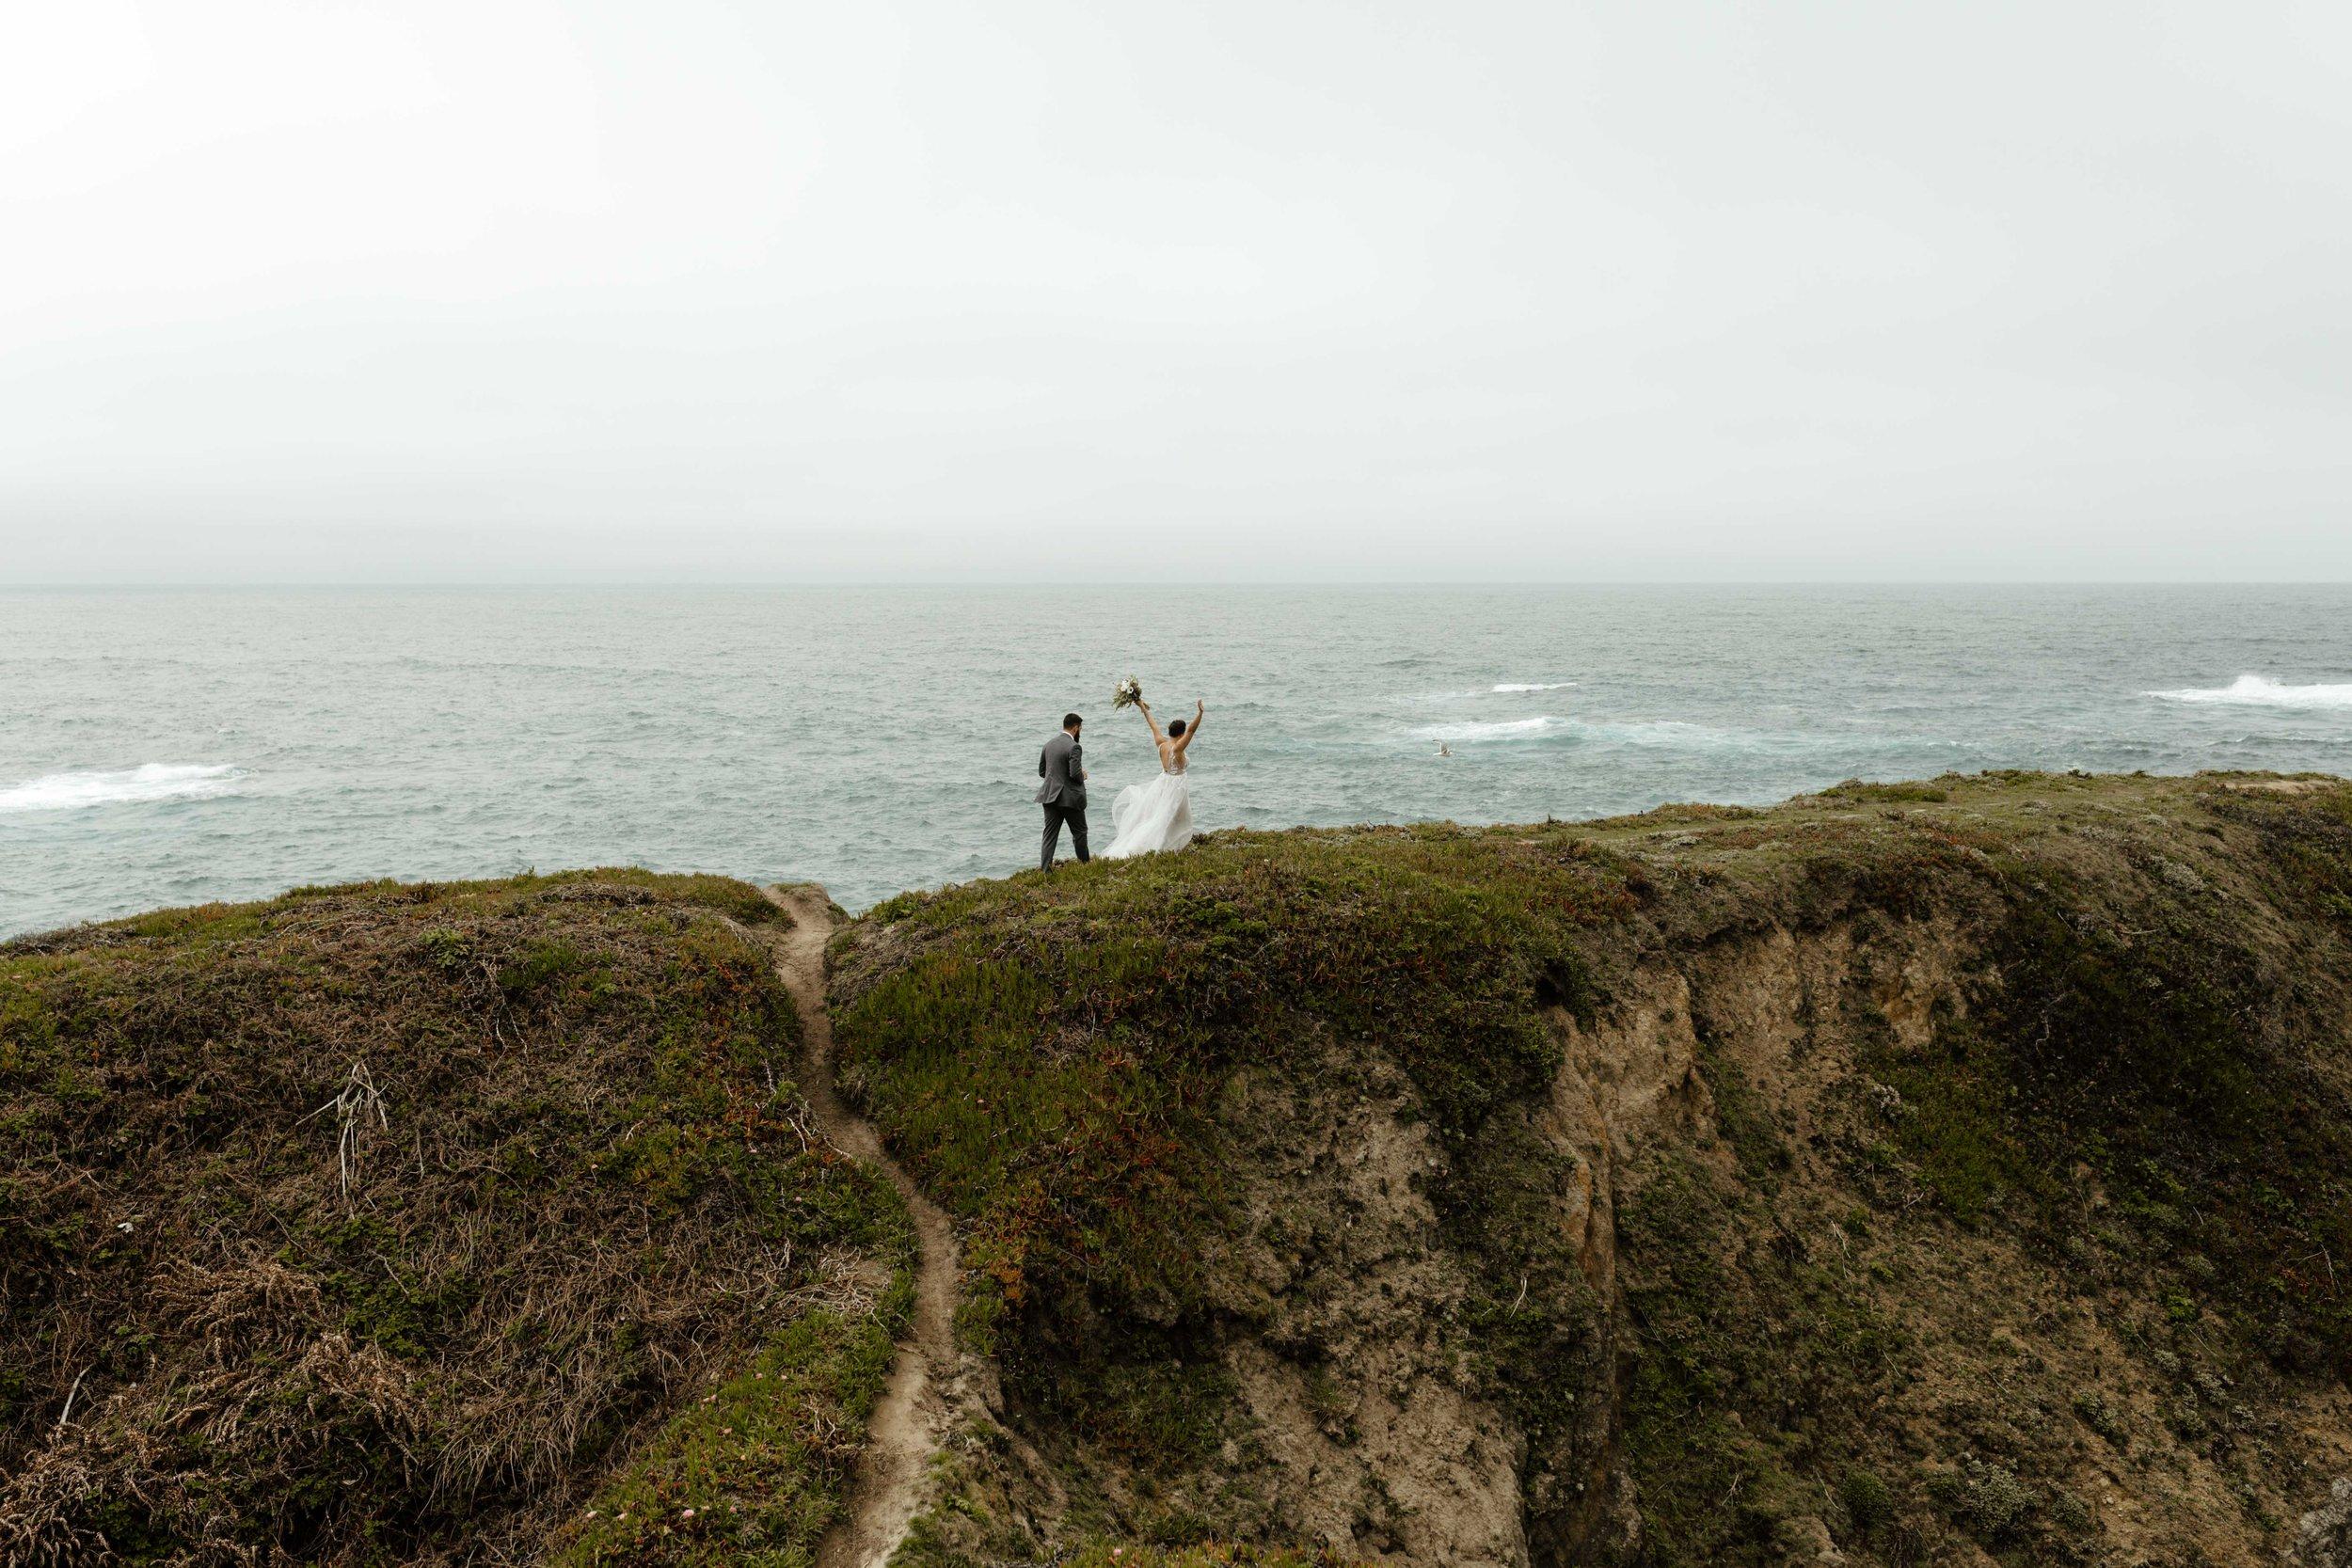 grassy beach overlook spokane bride elopement wedding